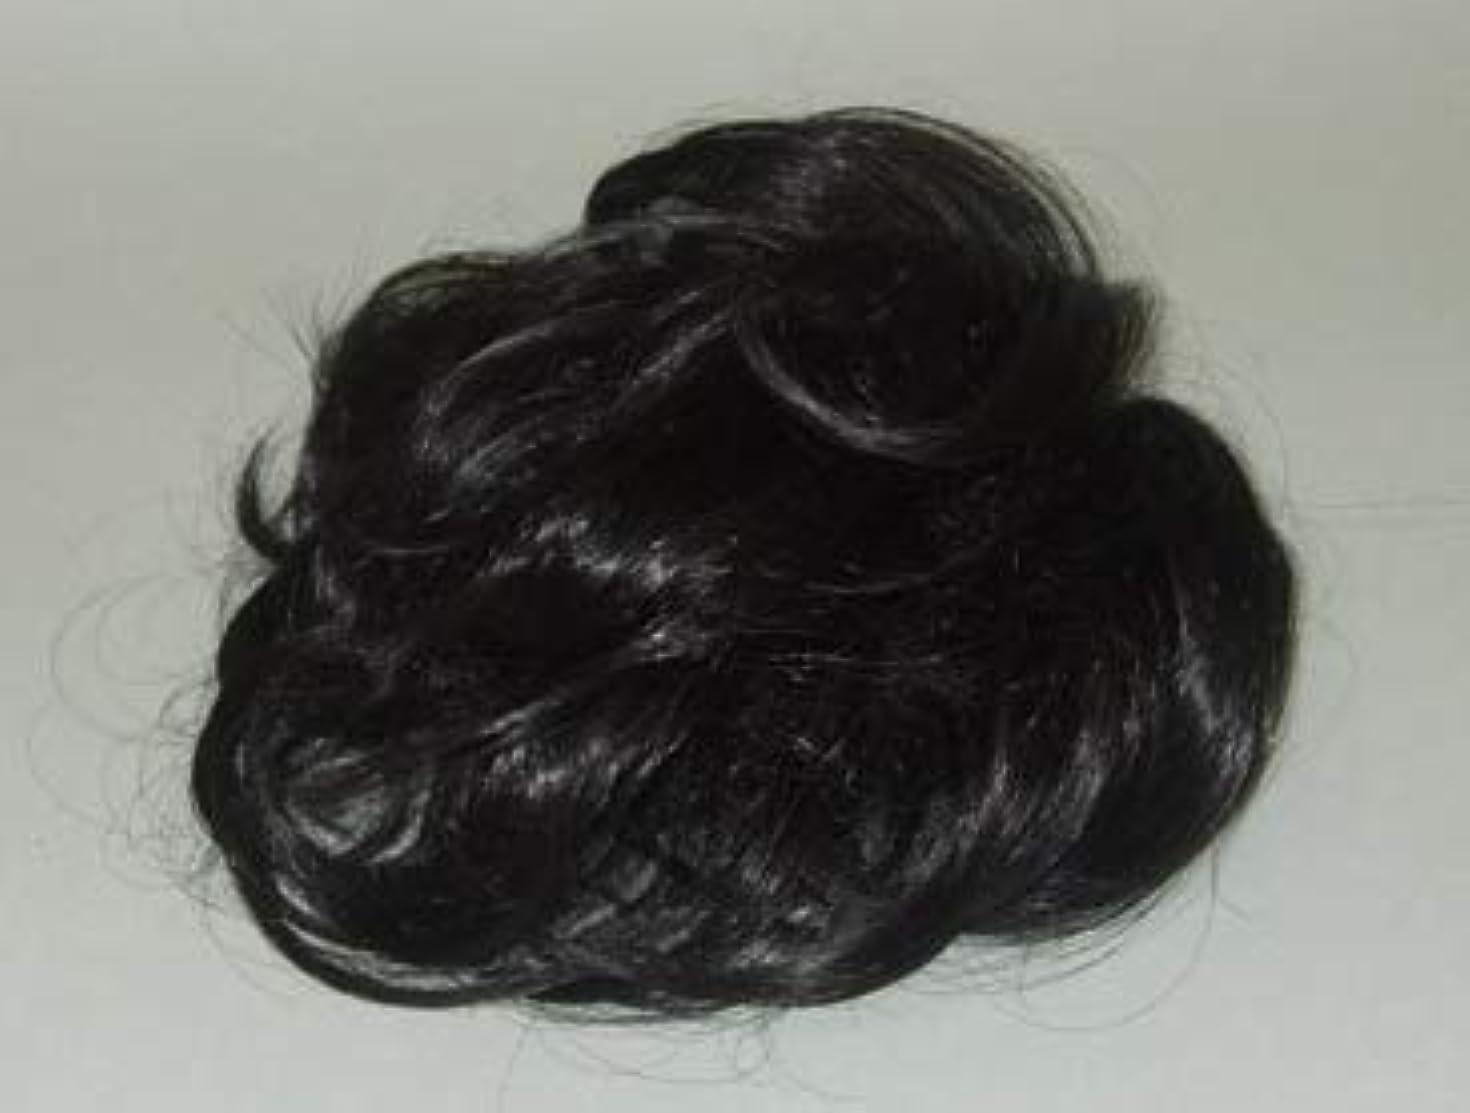 旧正月農場便利さ富士パックス販売 ボンヘアー BON HAIR (ボリュームアップタイプ) ブラック